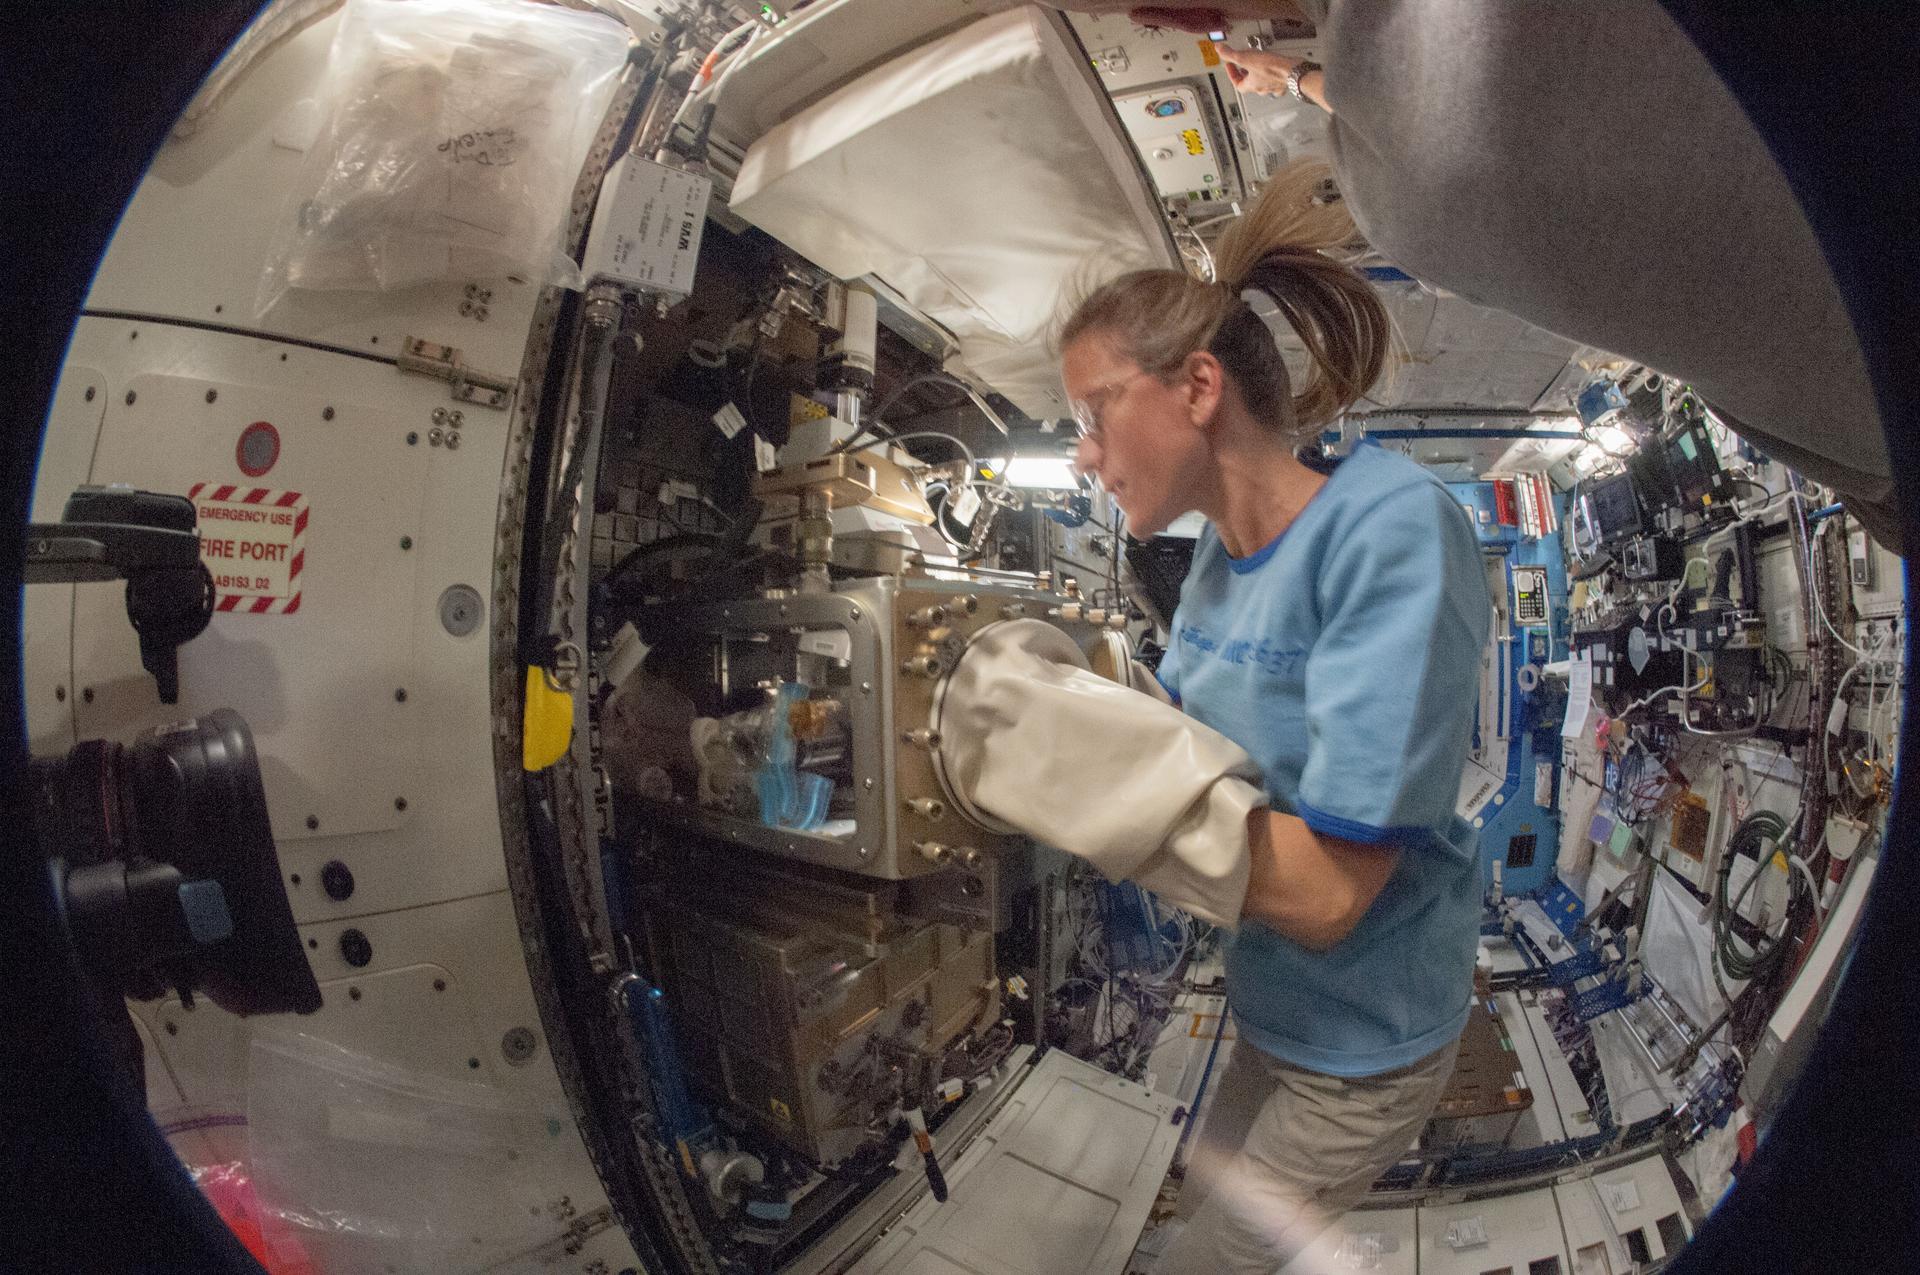 Astronautka Karen Nyberg przeprowadzająca badania w ramach poprzedniego eksperymentu, ACE-1 (Advanced Colloids Experiment) (Źródło: NASA)